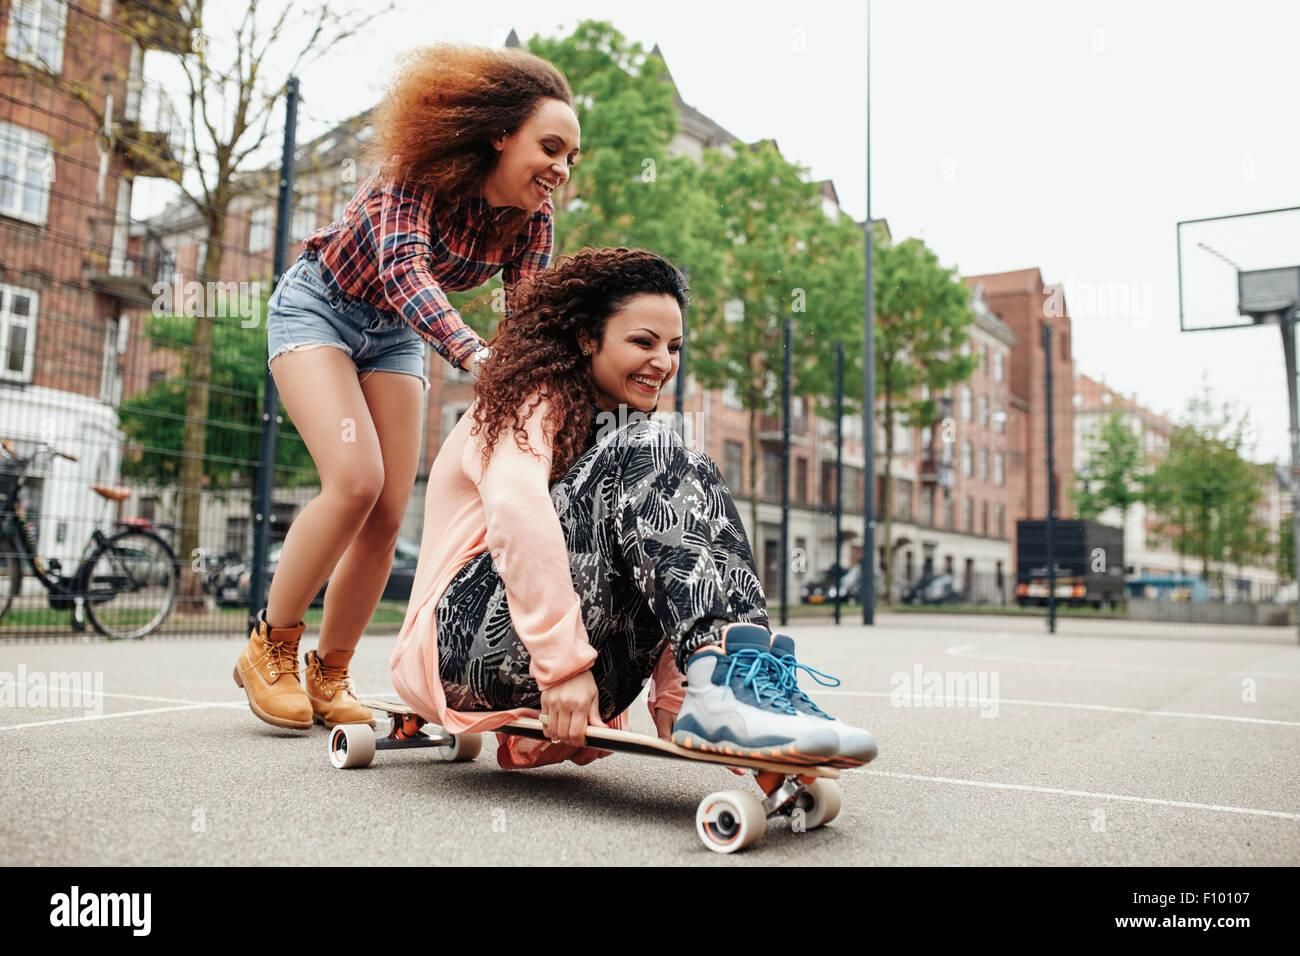 Felice giovane ragazza seduta su longboard che viene spinto dal suo amico. Giovani donne godendo di pattinaggio Immagini Stock